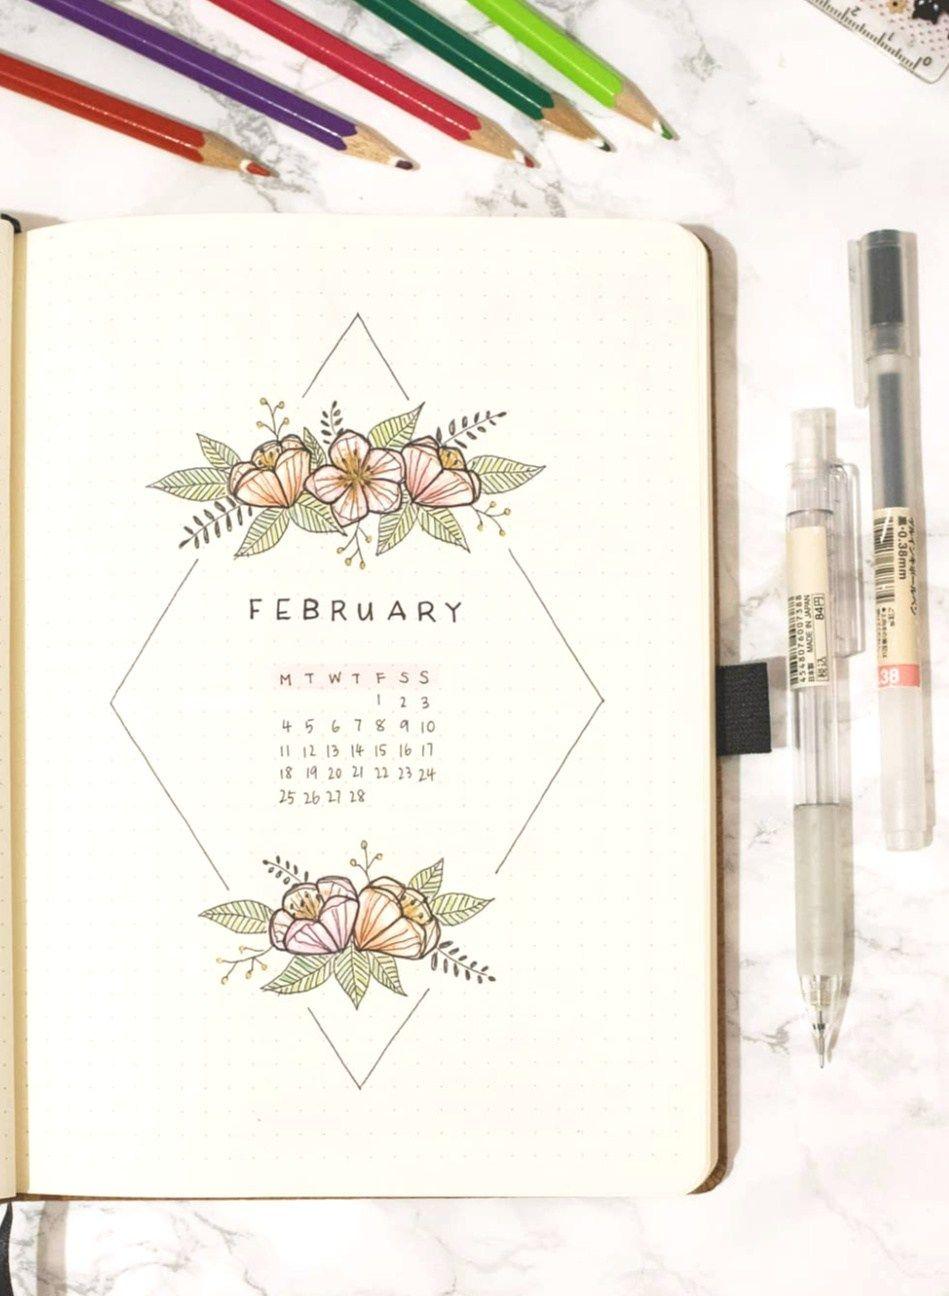 12 Gorgeous Bullet Journal Calendar Ideas